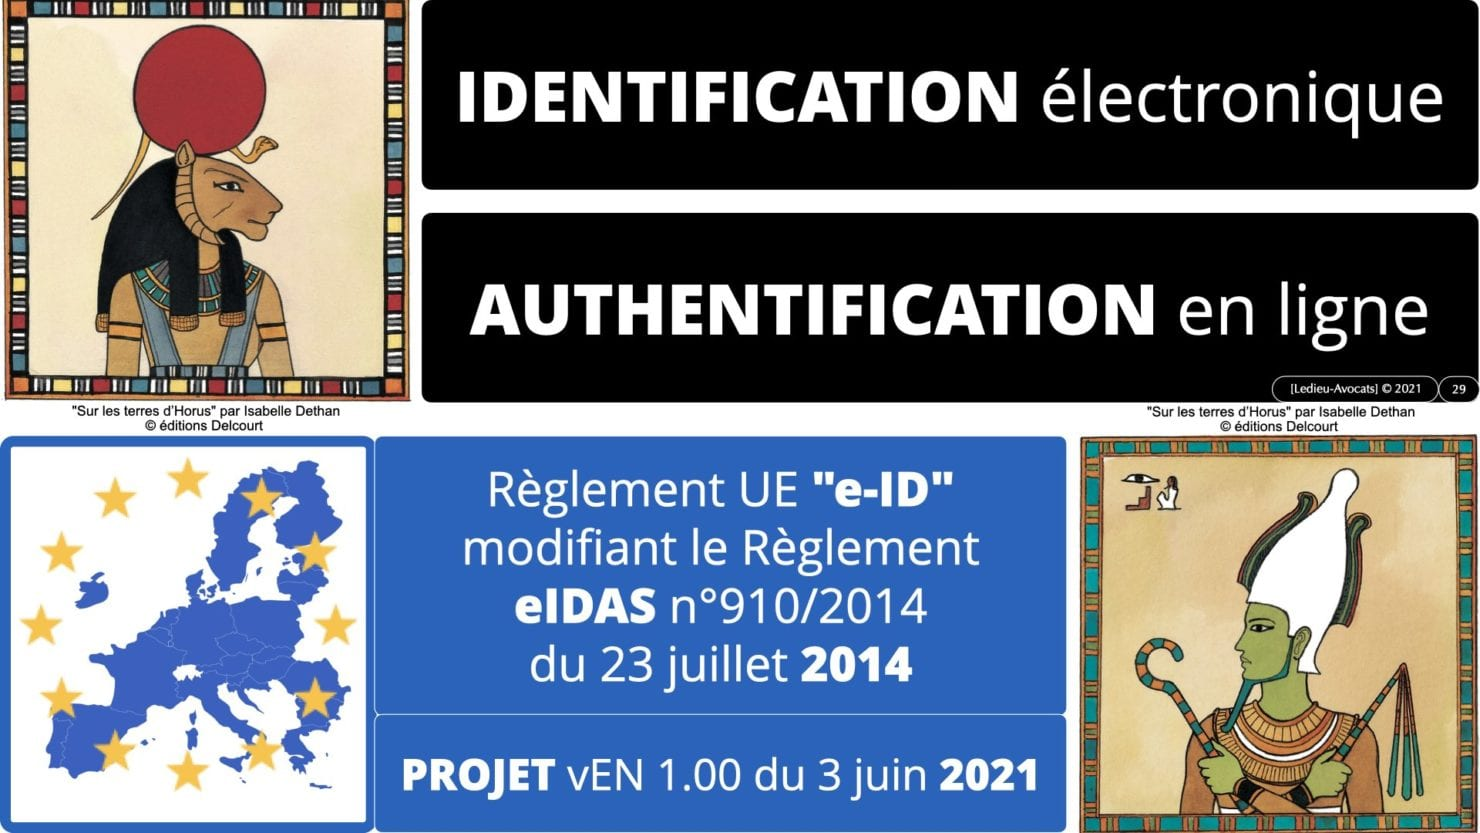 341 chiffrement cryptographie symetrique asymetrique hachage cryptographique TECHNIQUE JURIDIQUE © Ledieu-Avocat 05-07-2021.029